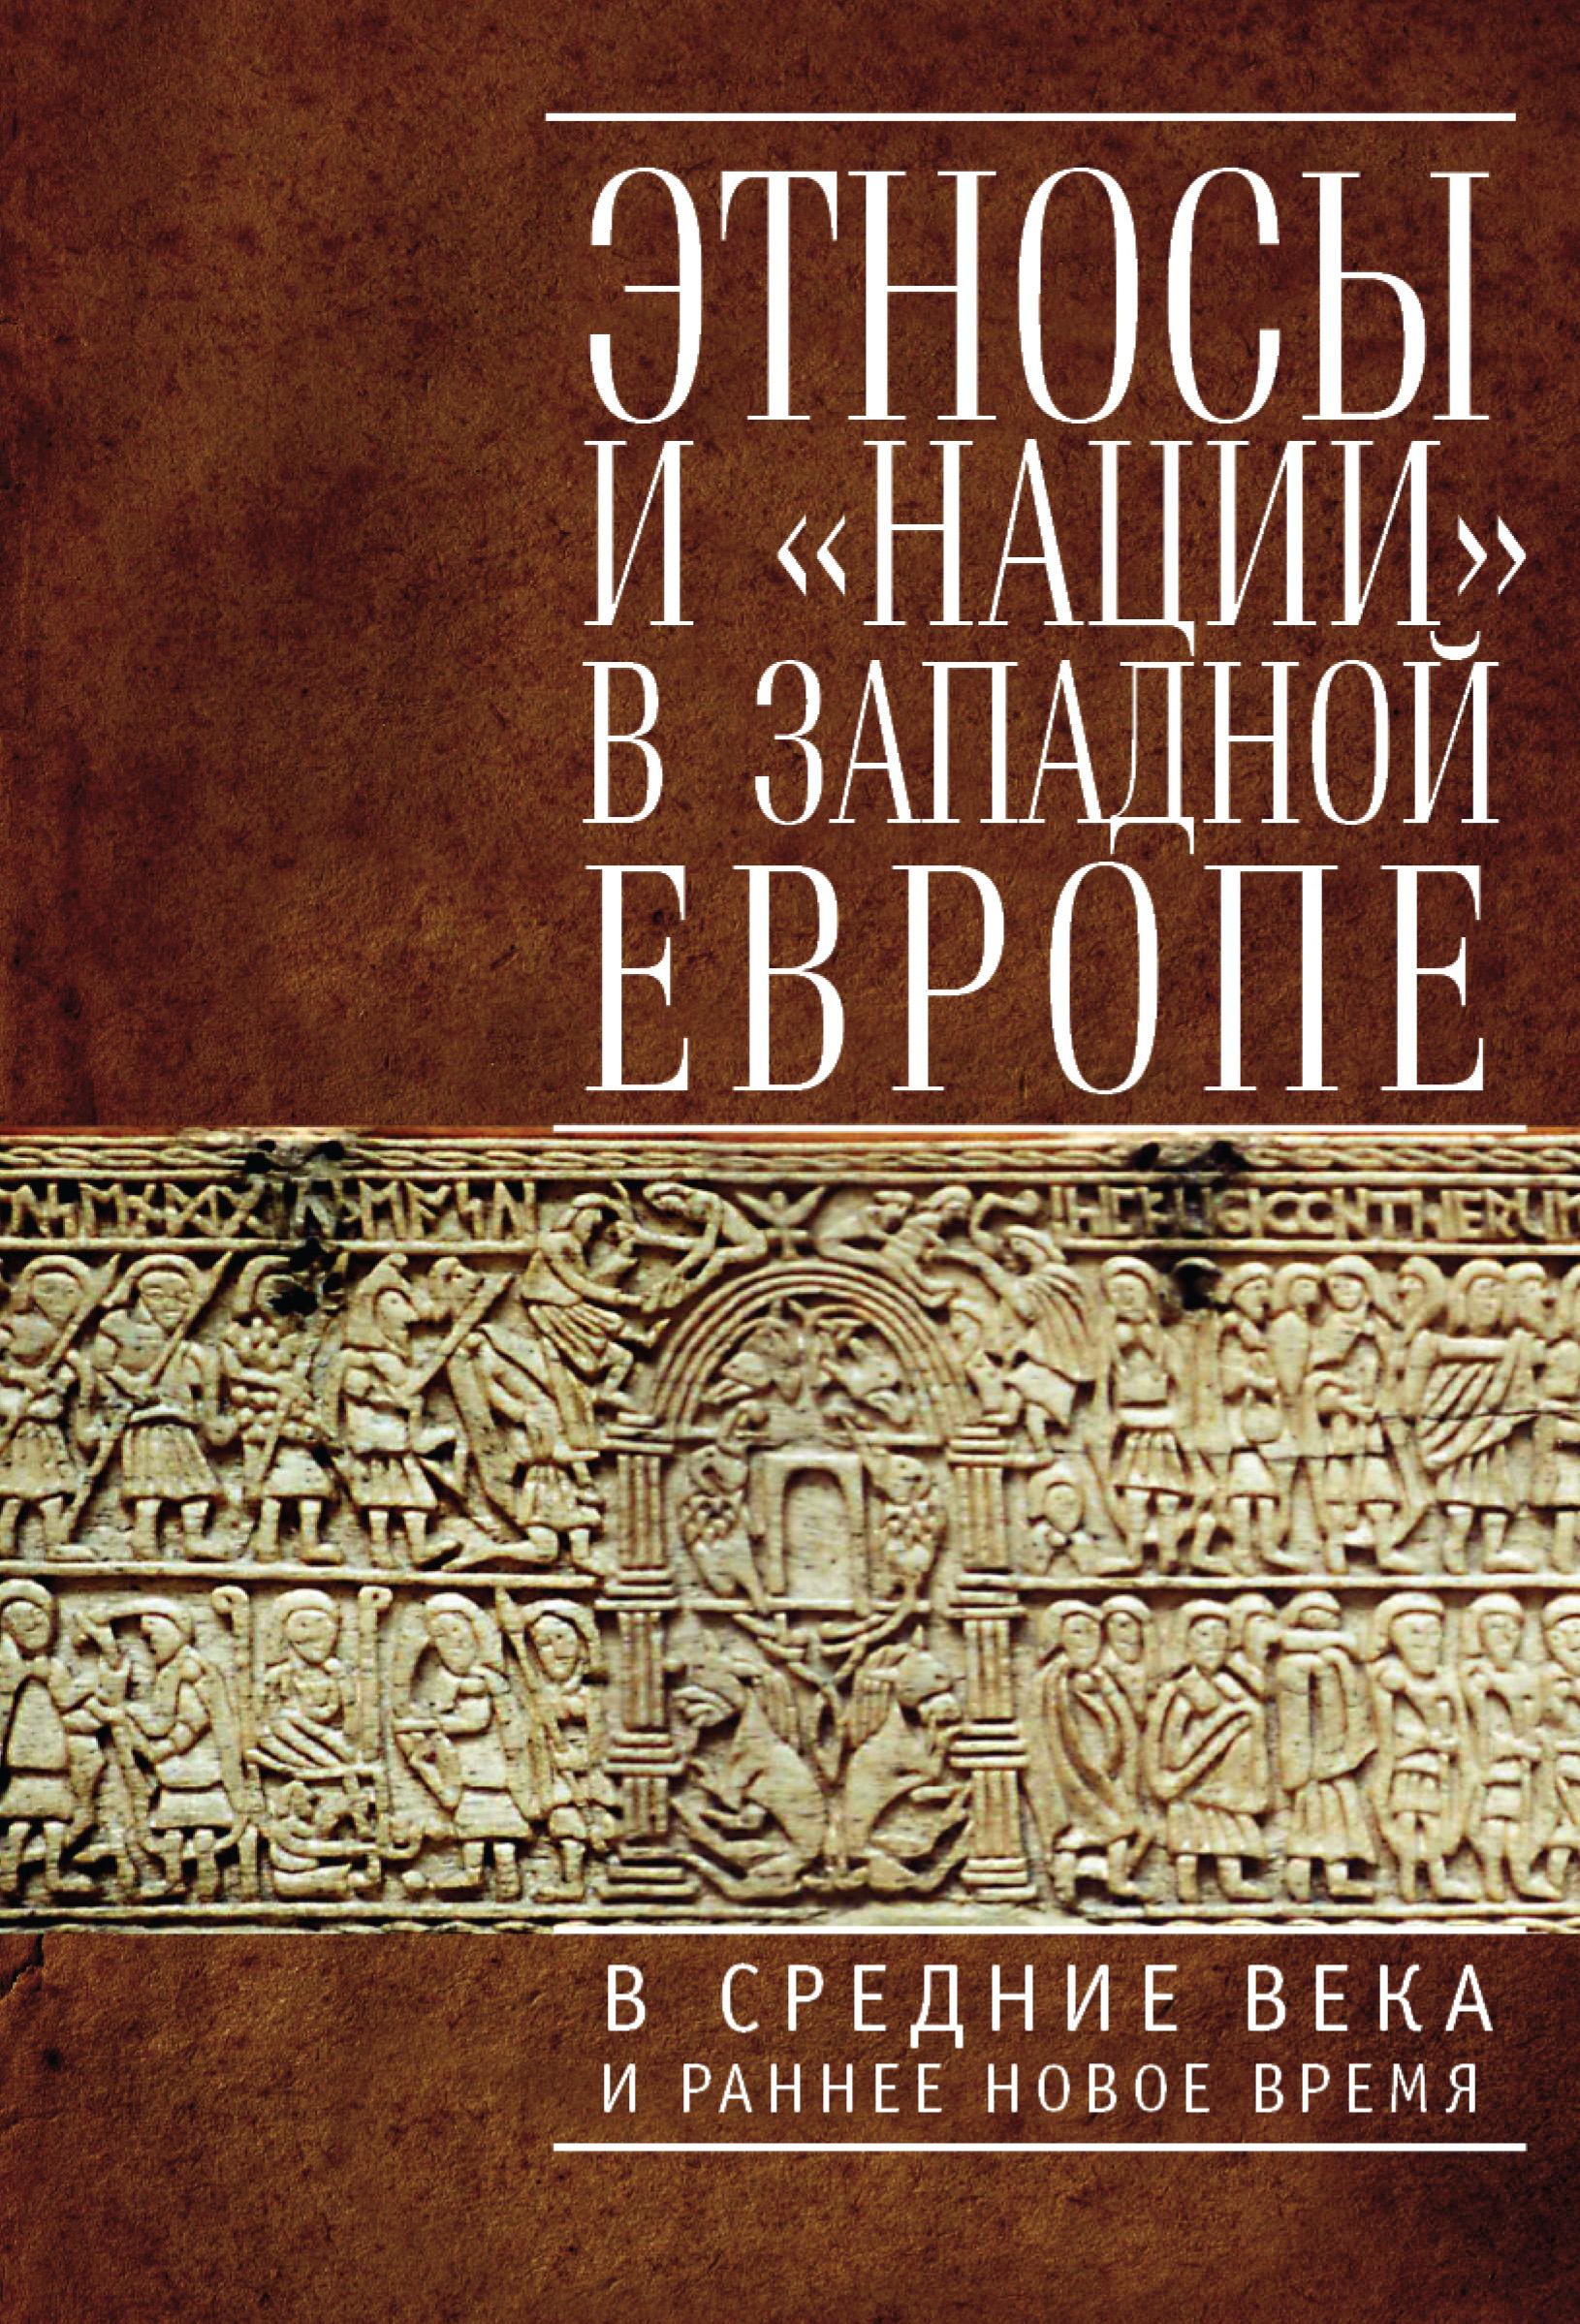 Коллектив авторов Этносы и «нации» в Западной Европе в Средние века и раннее Новое время